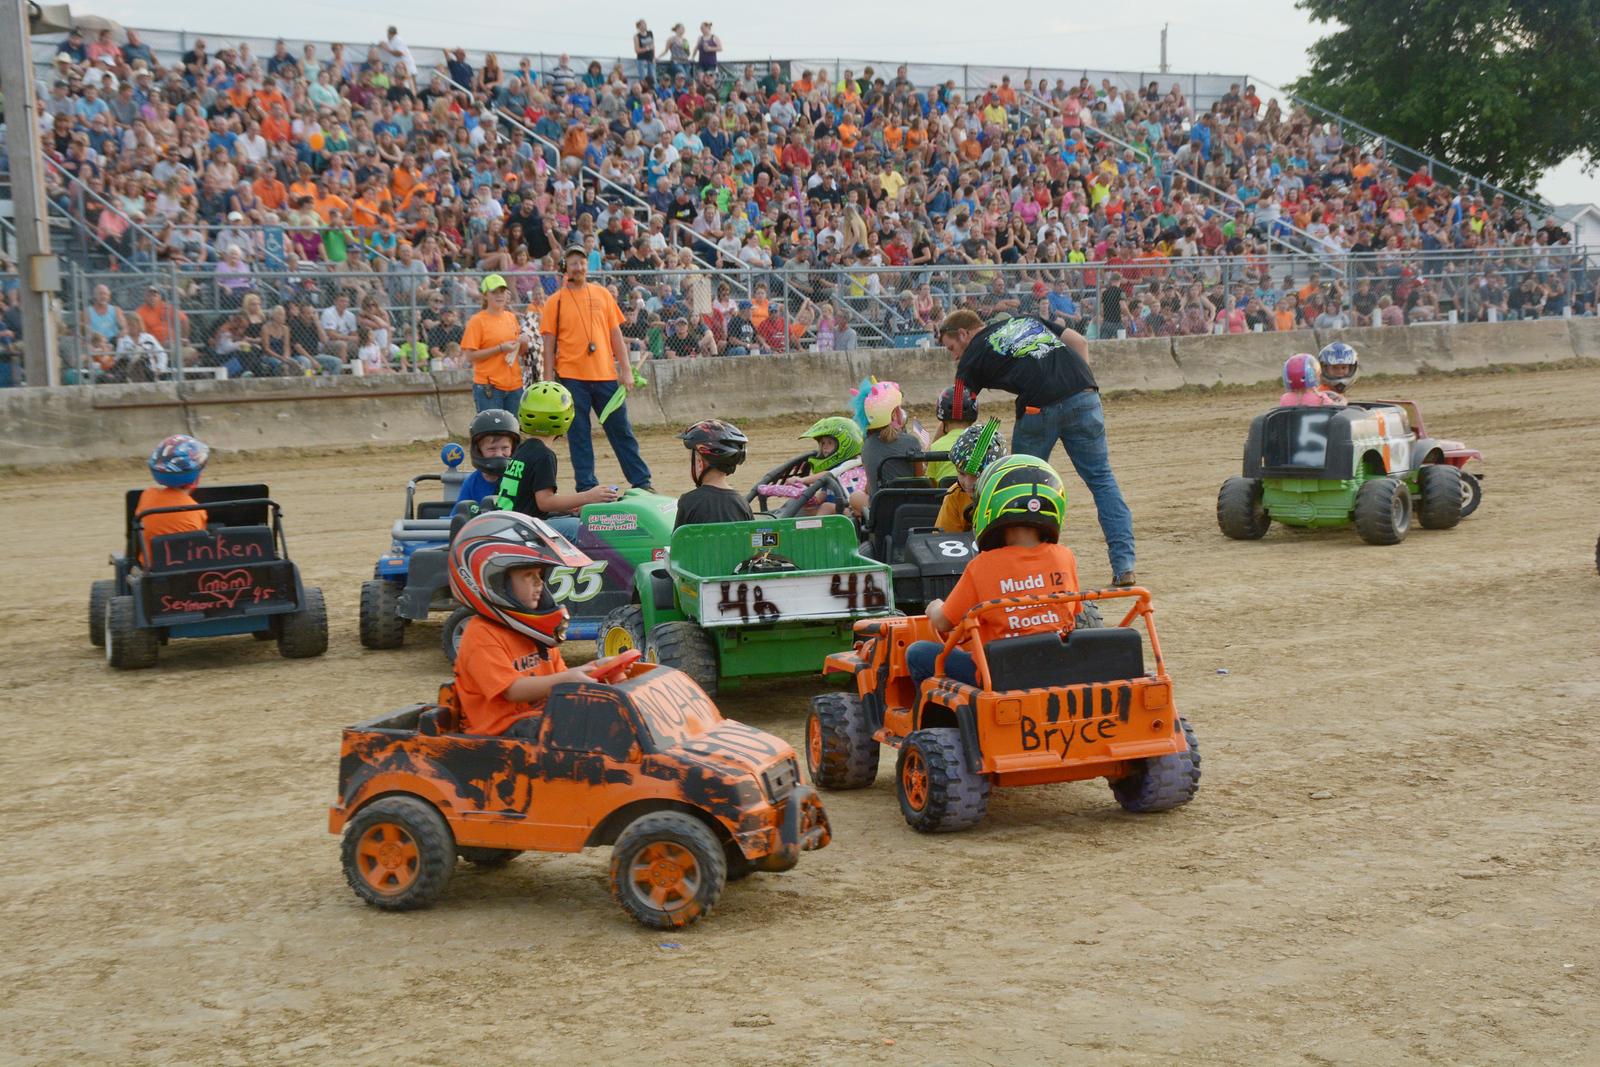 Monroe County Fair's 2016 Power Wheels